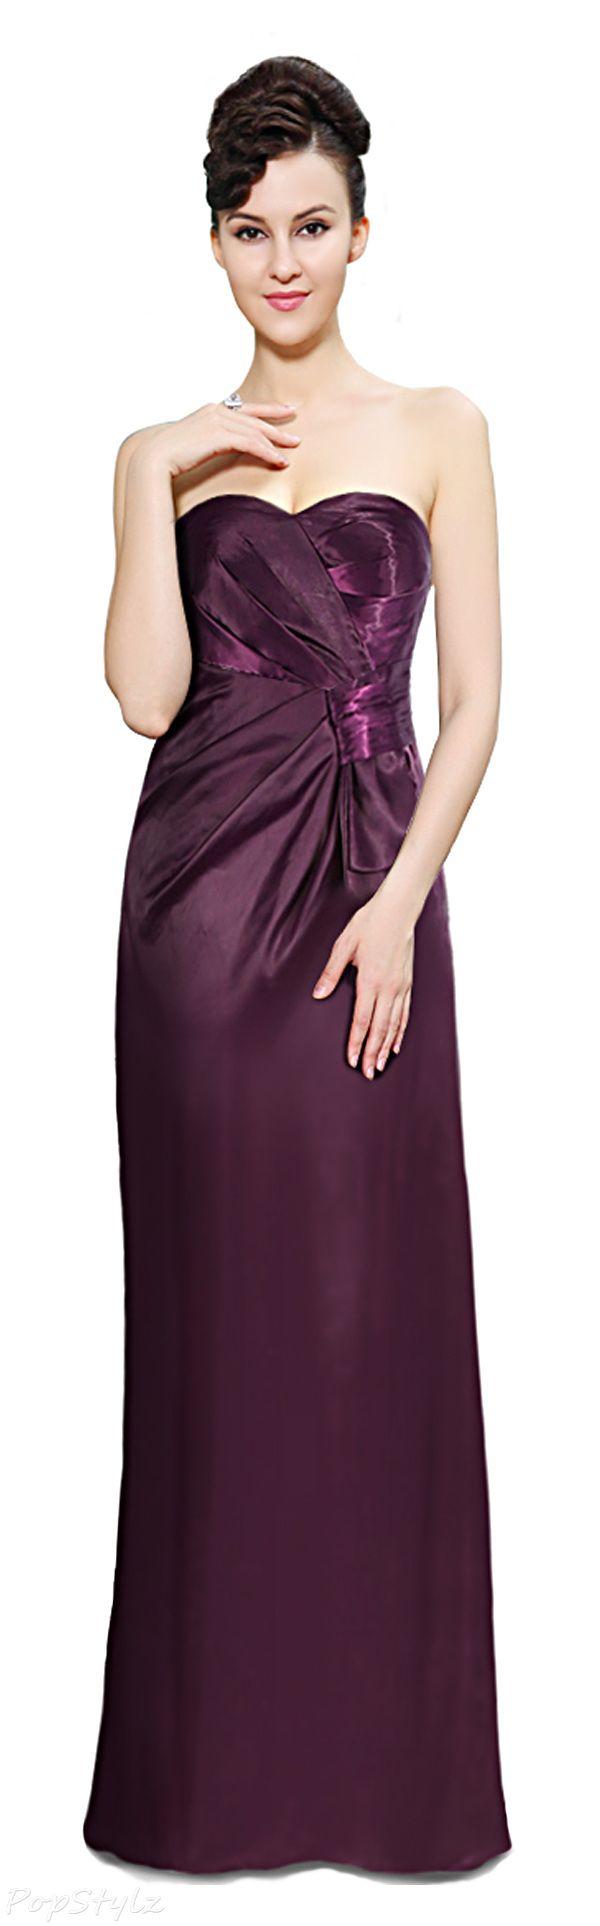 11 best vestido rojo images on Pinterest | Dress red, Elegant ...